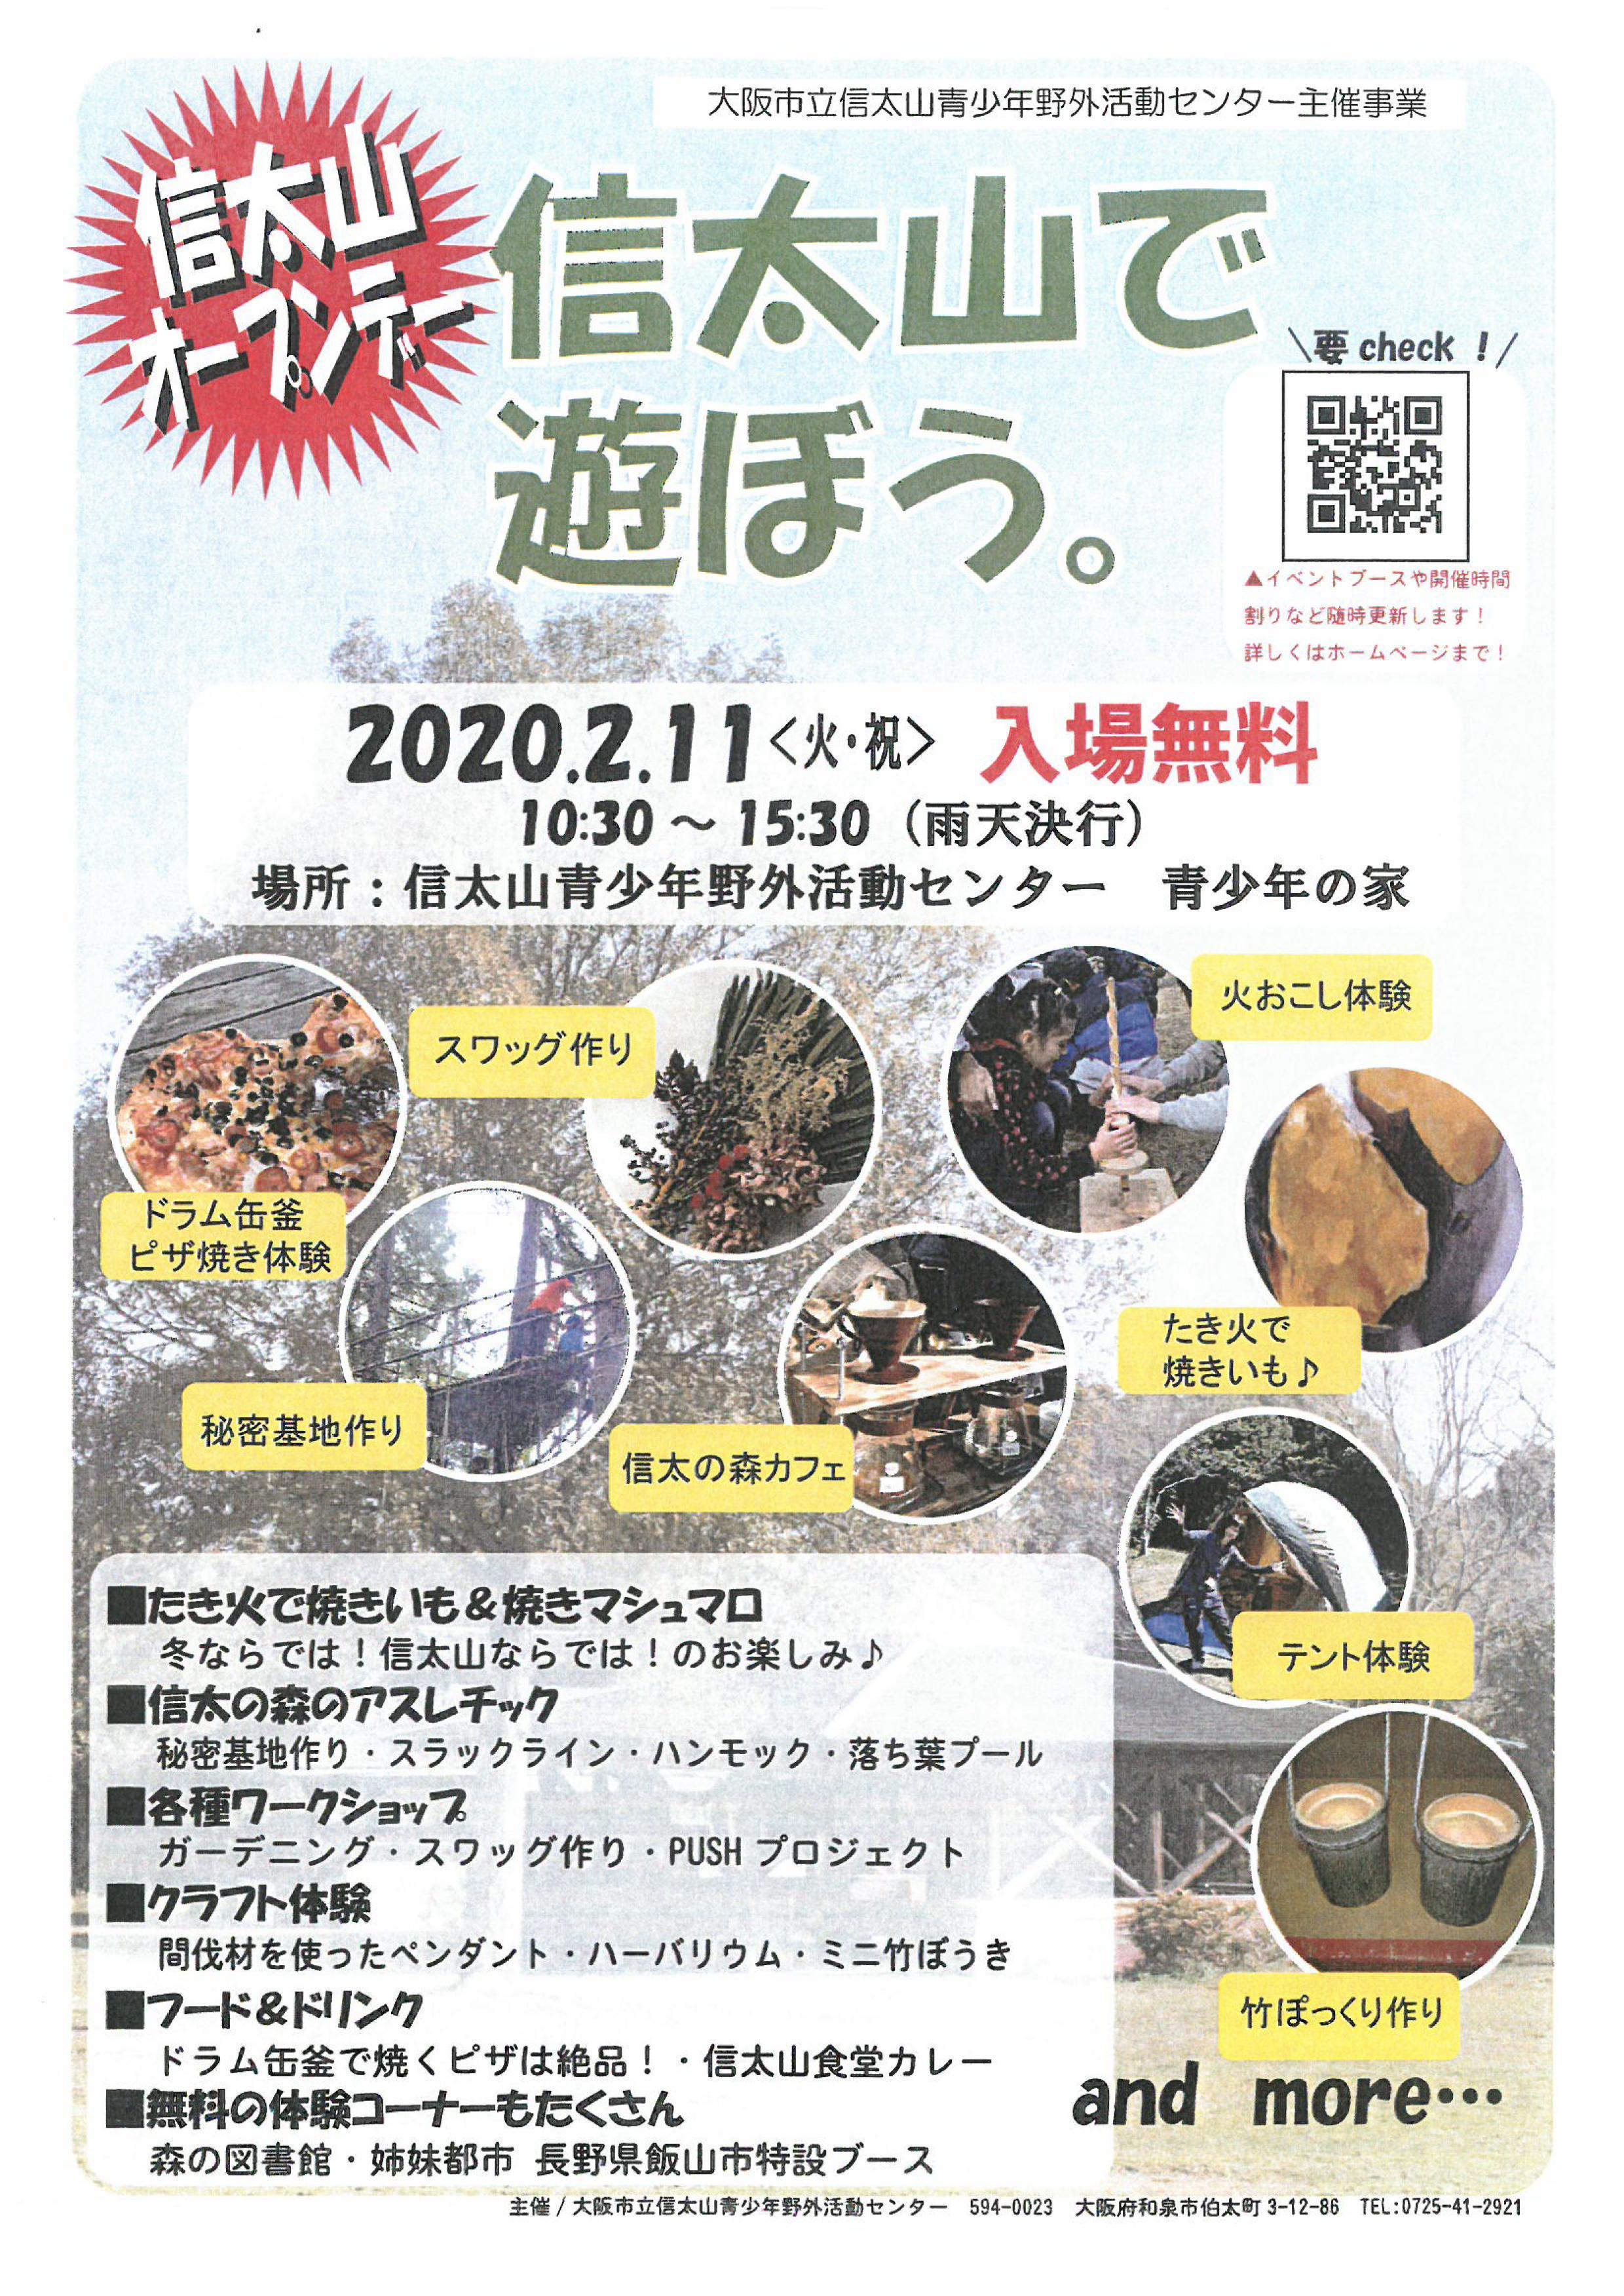 【終了】2020年2月11日(火・祝)開催!信太山オープンデー ~信太山で遊ぼう~